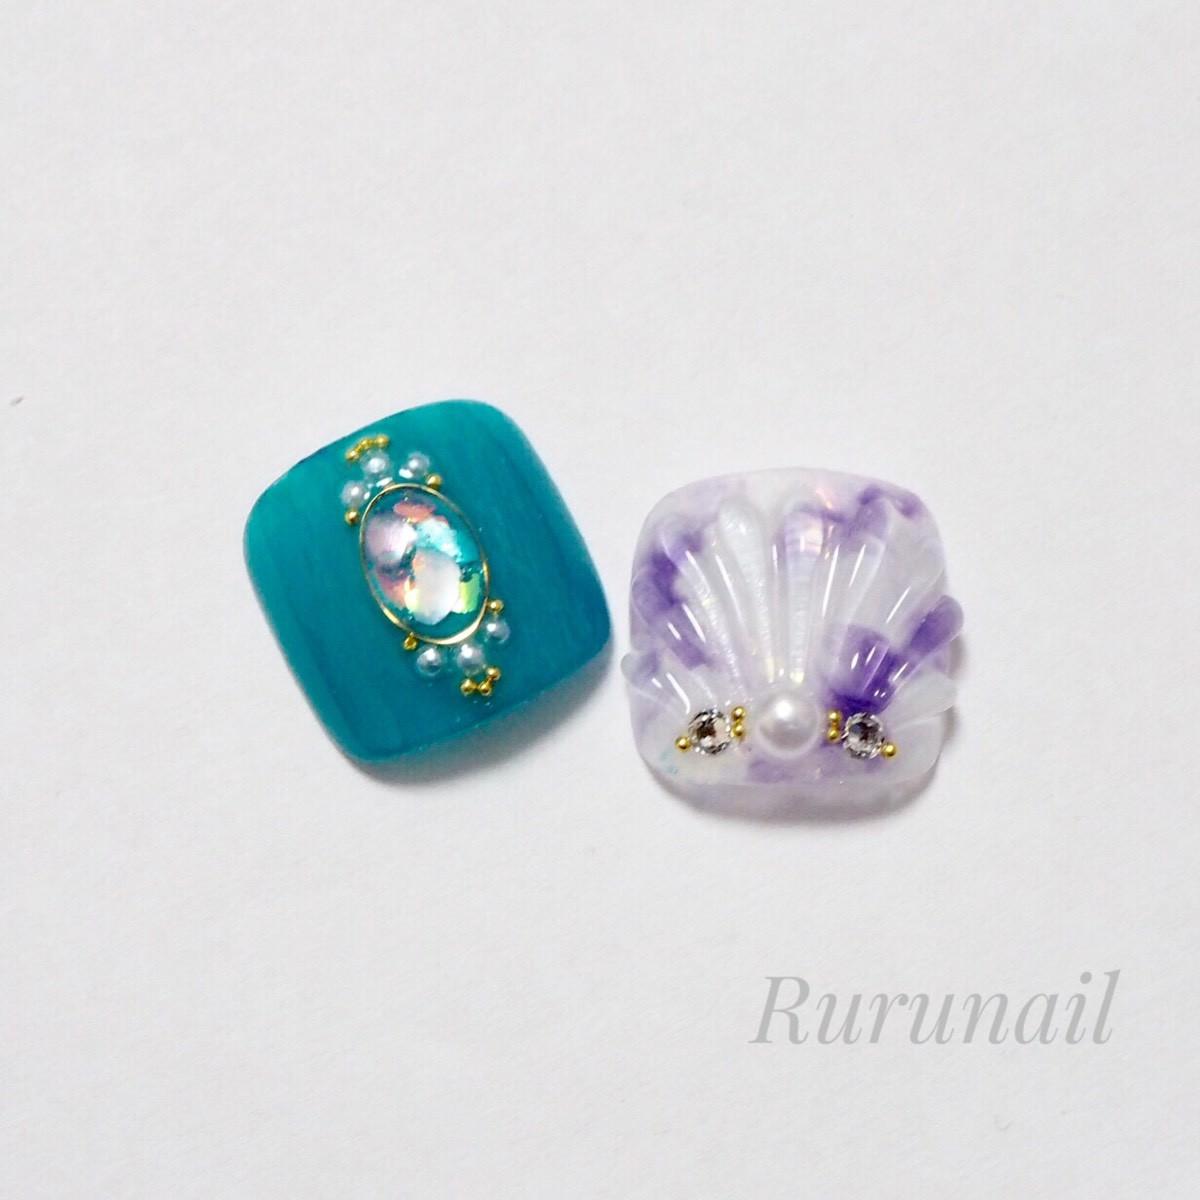 画像1: アラジンカラーの人魚の鱗夏ぺディチップ(p049親指のみ